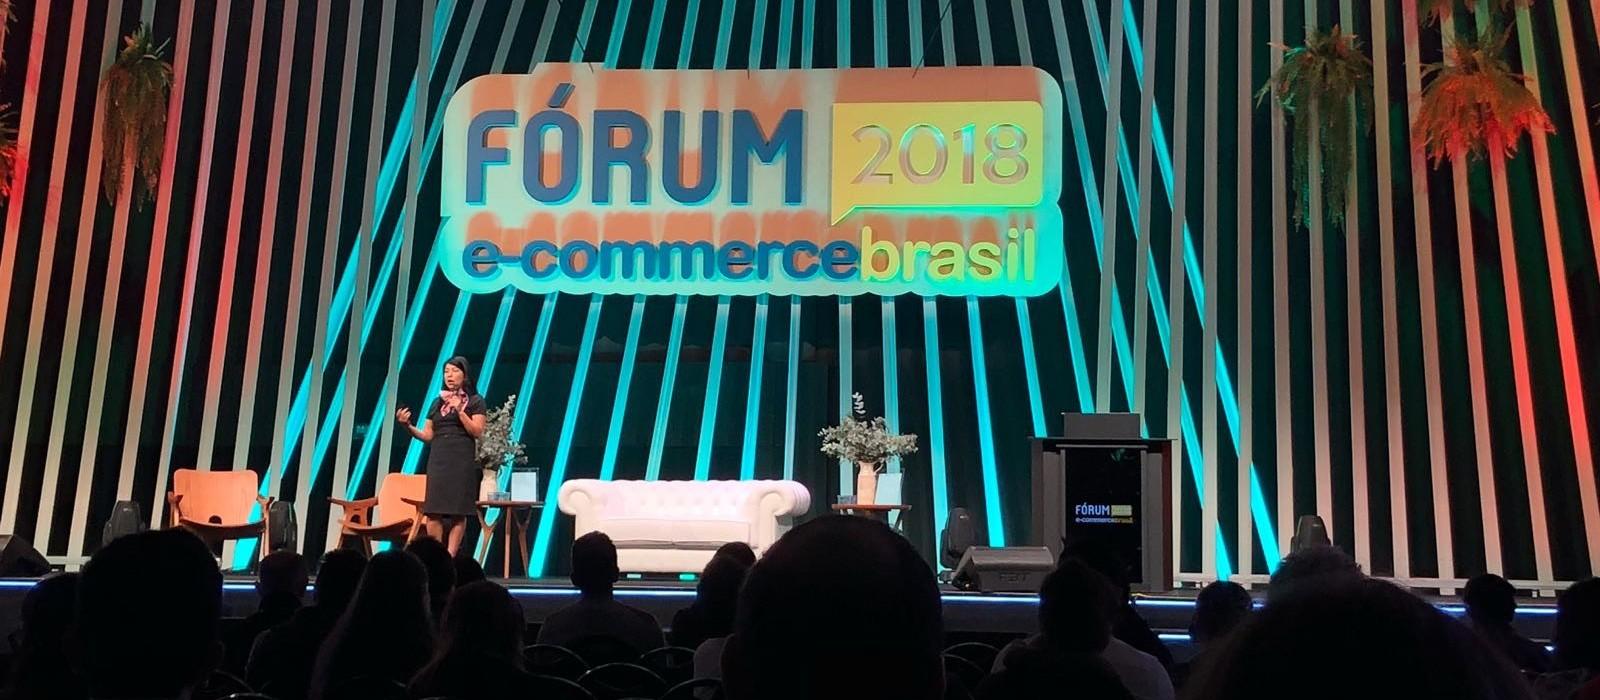 E-Commerce Brasil reúne conteúdo exclusivo para profissionais do comércio eletrônico